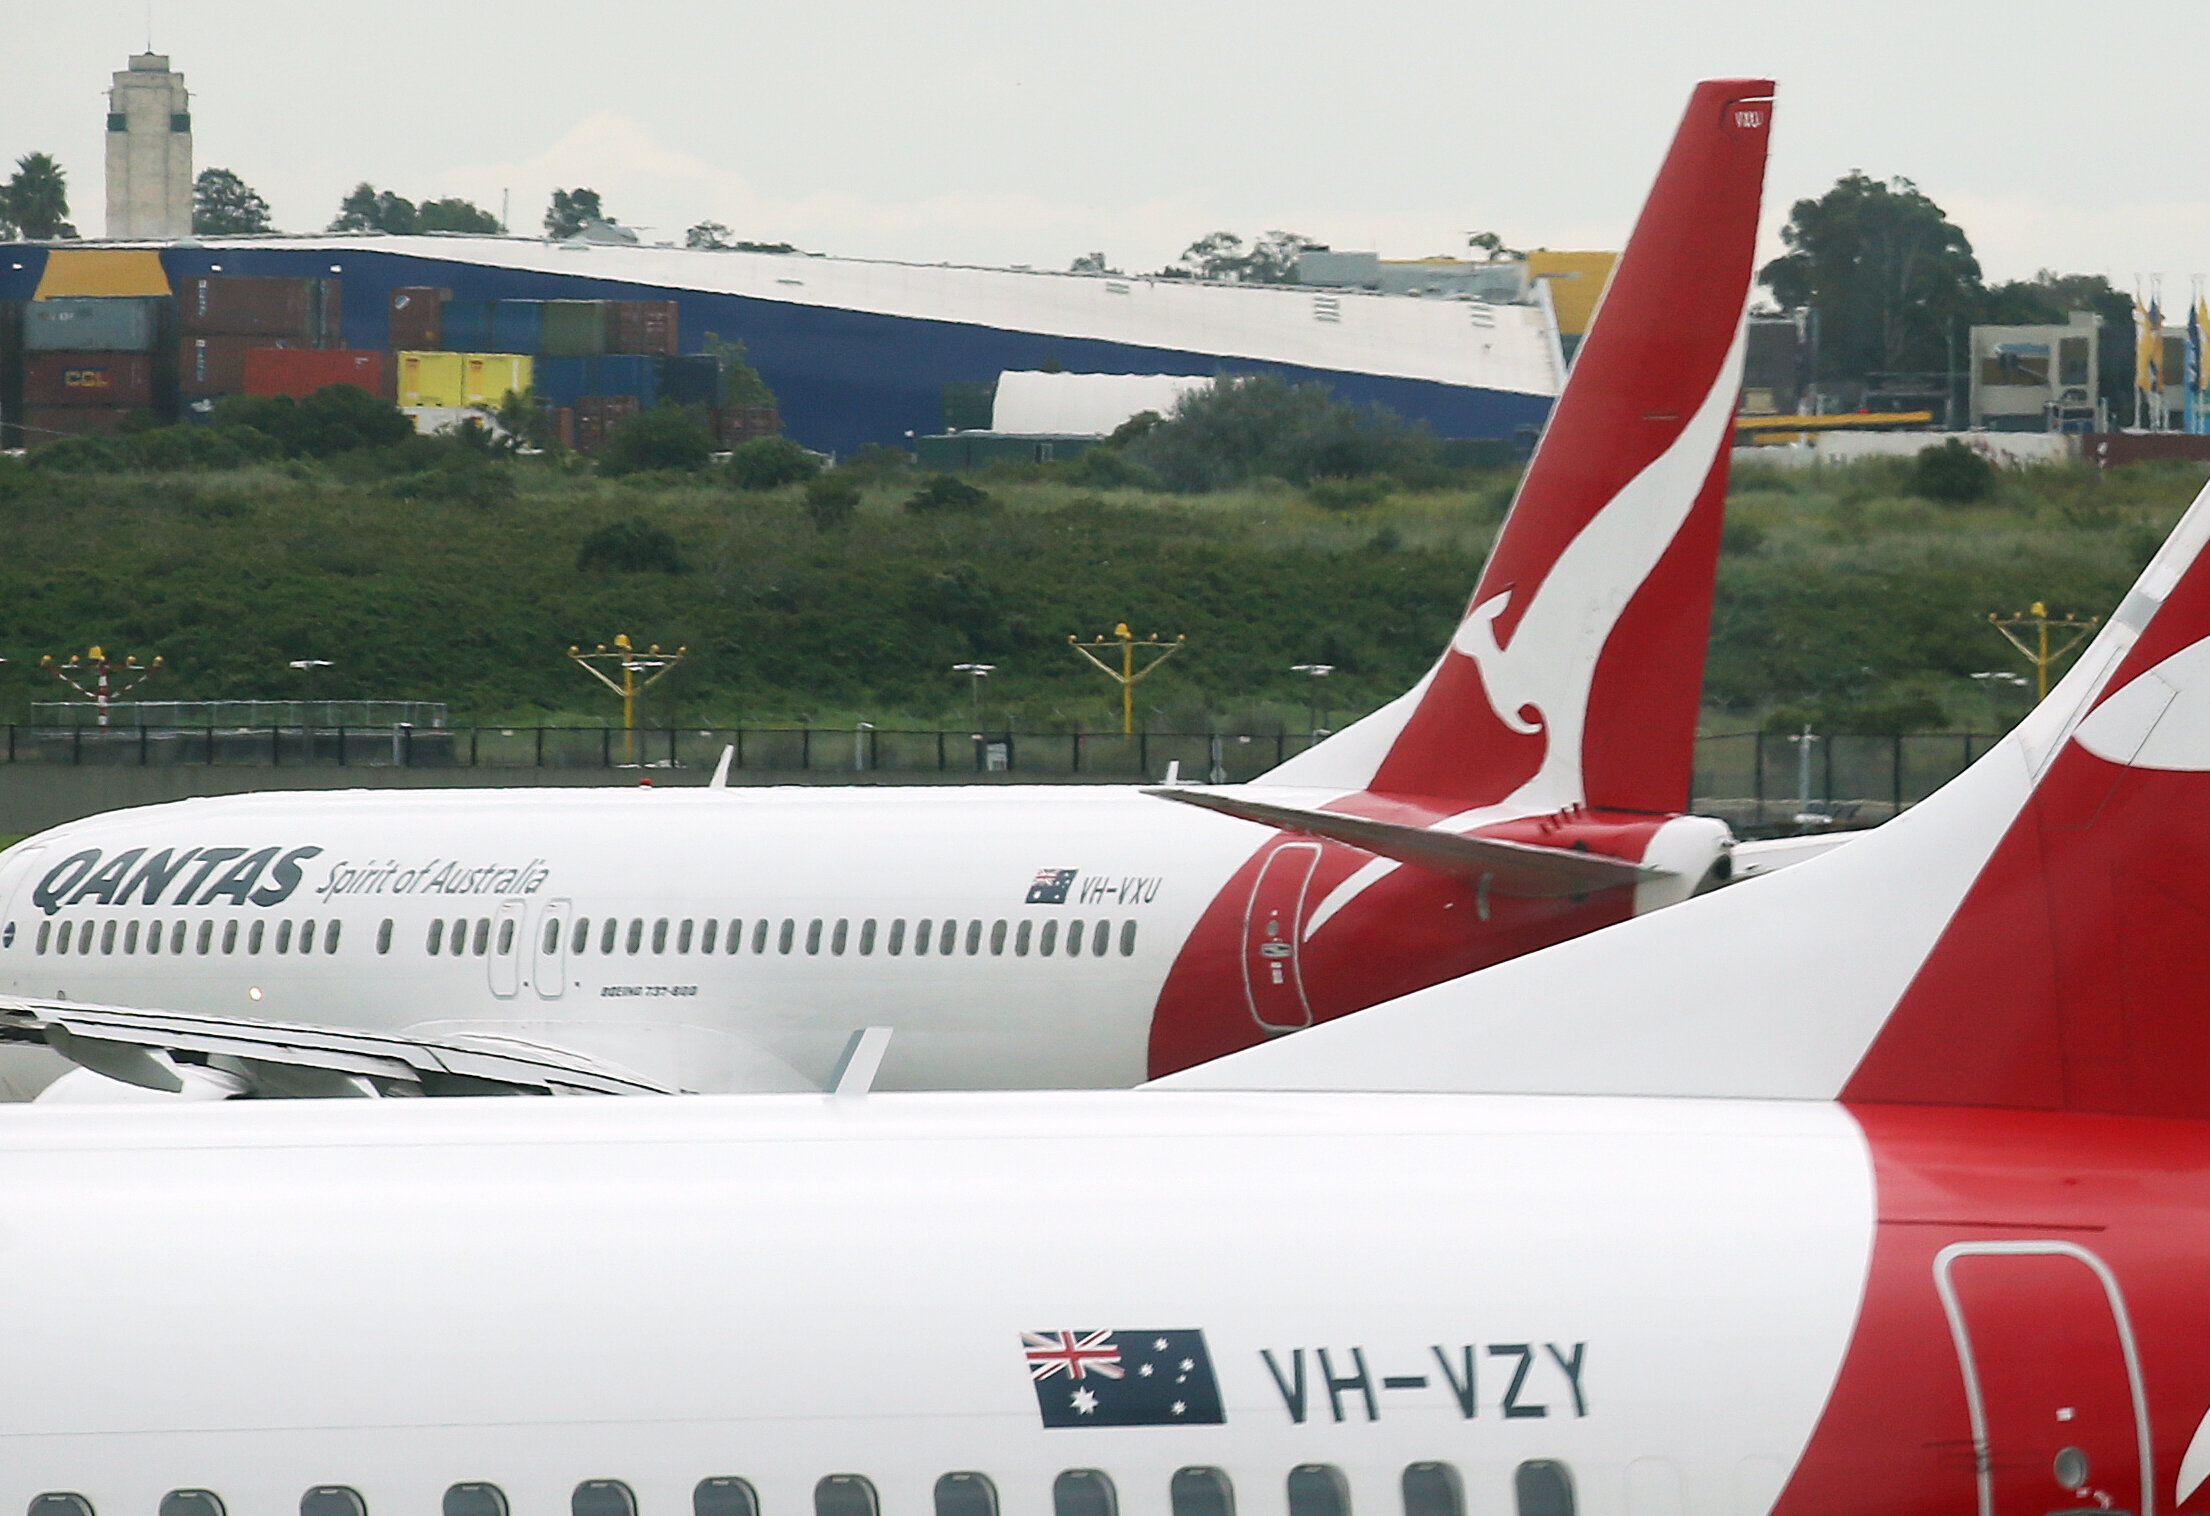 Vei putea călători cu avionul doar dacă te vaccinezi împotriva Covid, spune operatorul australian Qantas